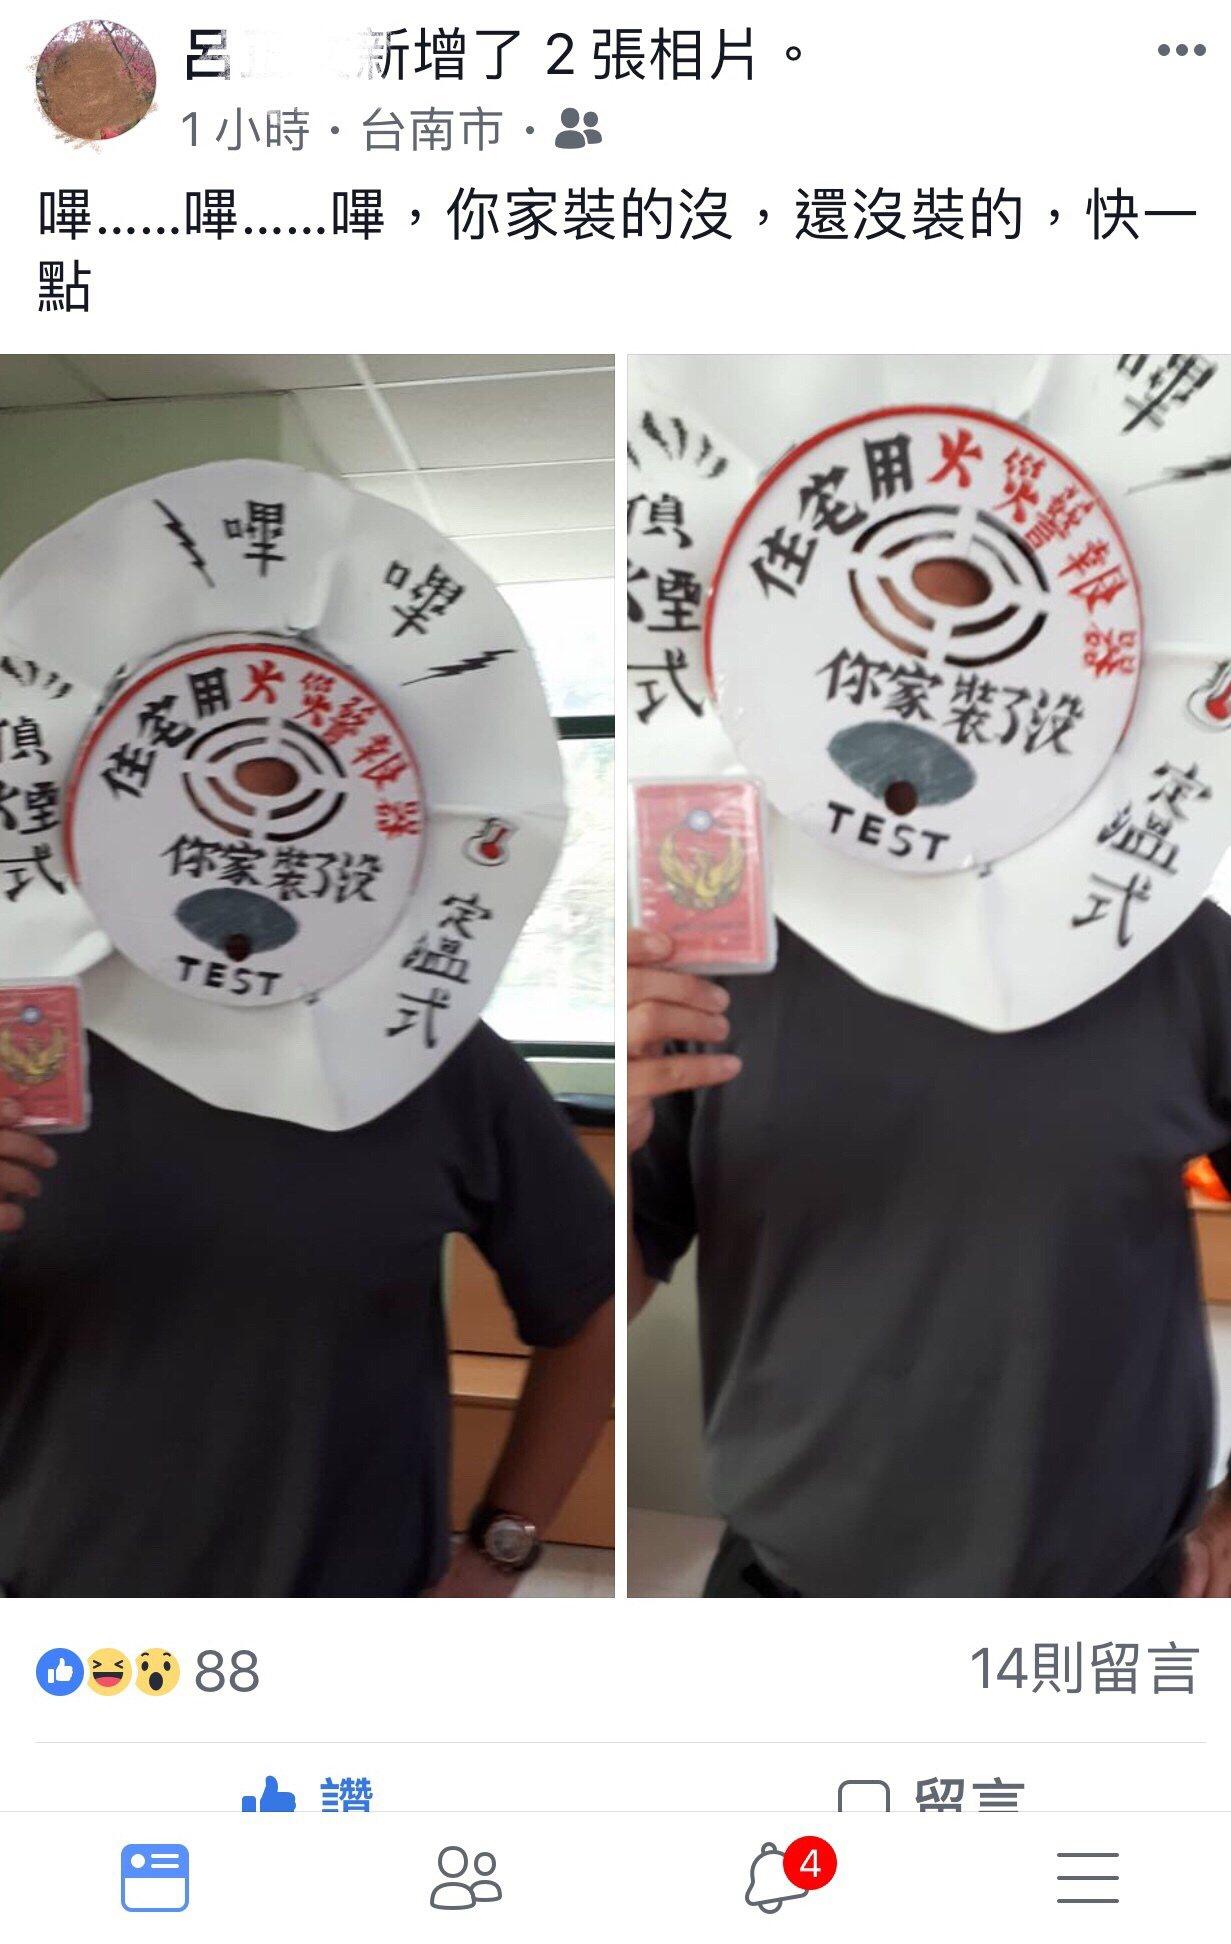 台南市新化消防分隊呂姓隊員,戴著「住警器」面具宣傳,引起注意。圖/取自臉書